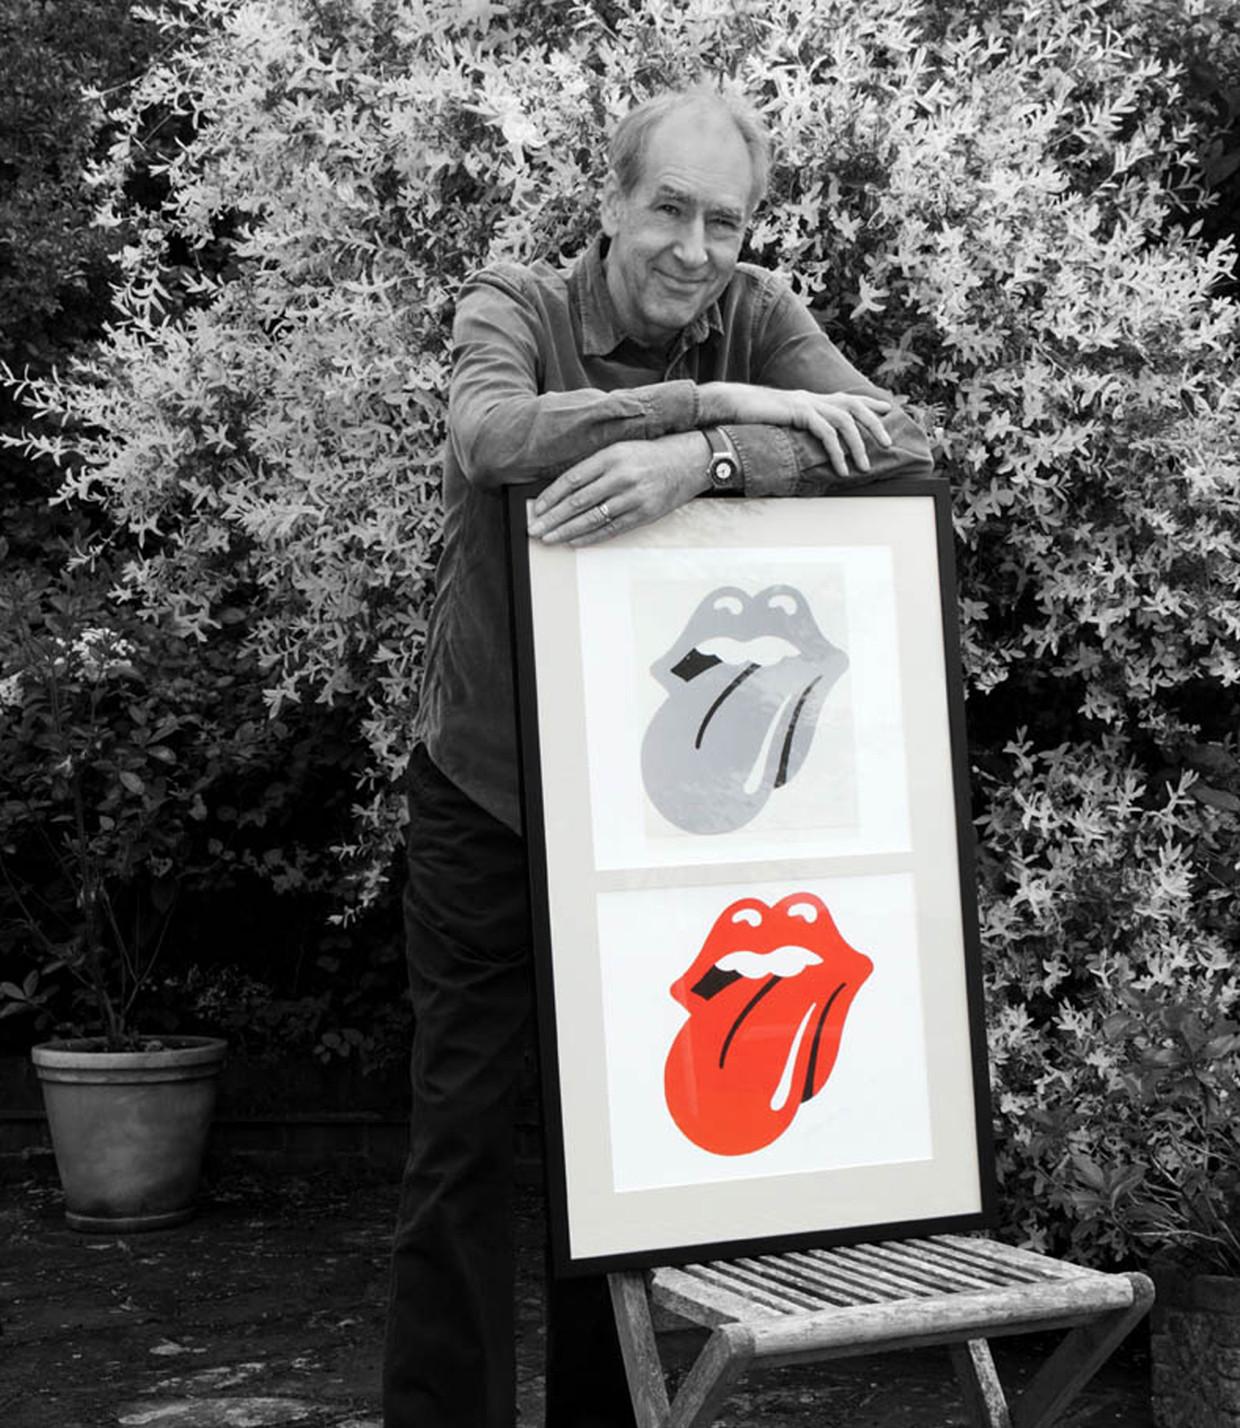 John Pasche, de ontwerper van het Tongue and Lips-logo van The Rolling Stones. Beeld